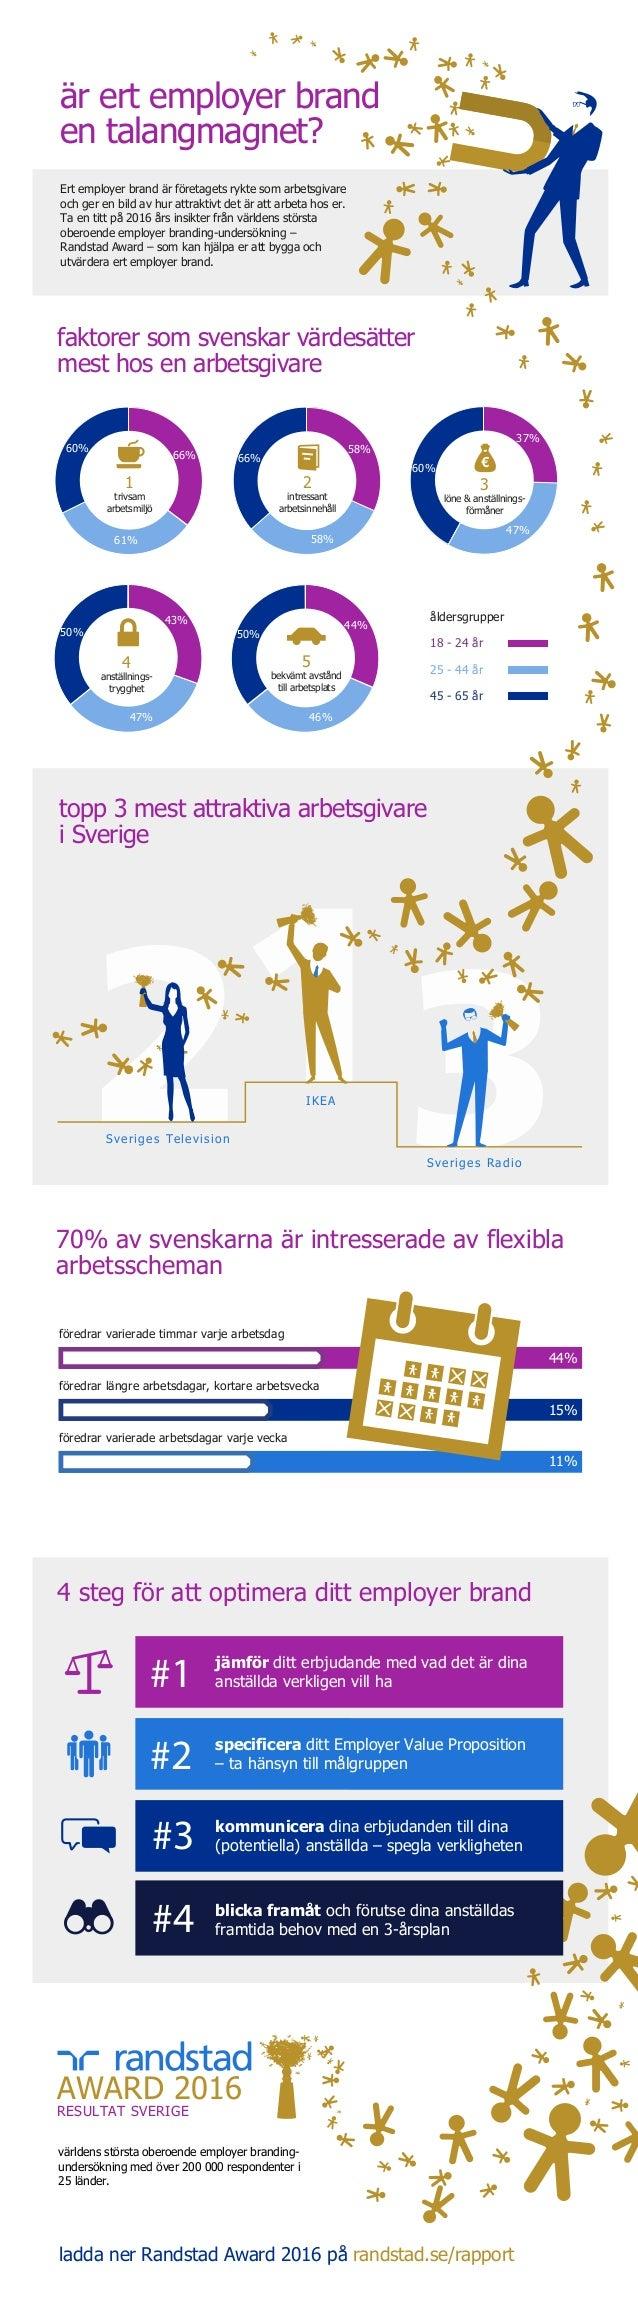 är ert employer brand en talangmagnet? Sveriges Television IKEA Sveriges Radio topp 3 mest attraktiva arbetsgivare i Sveri...